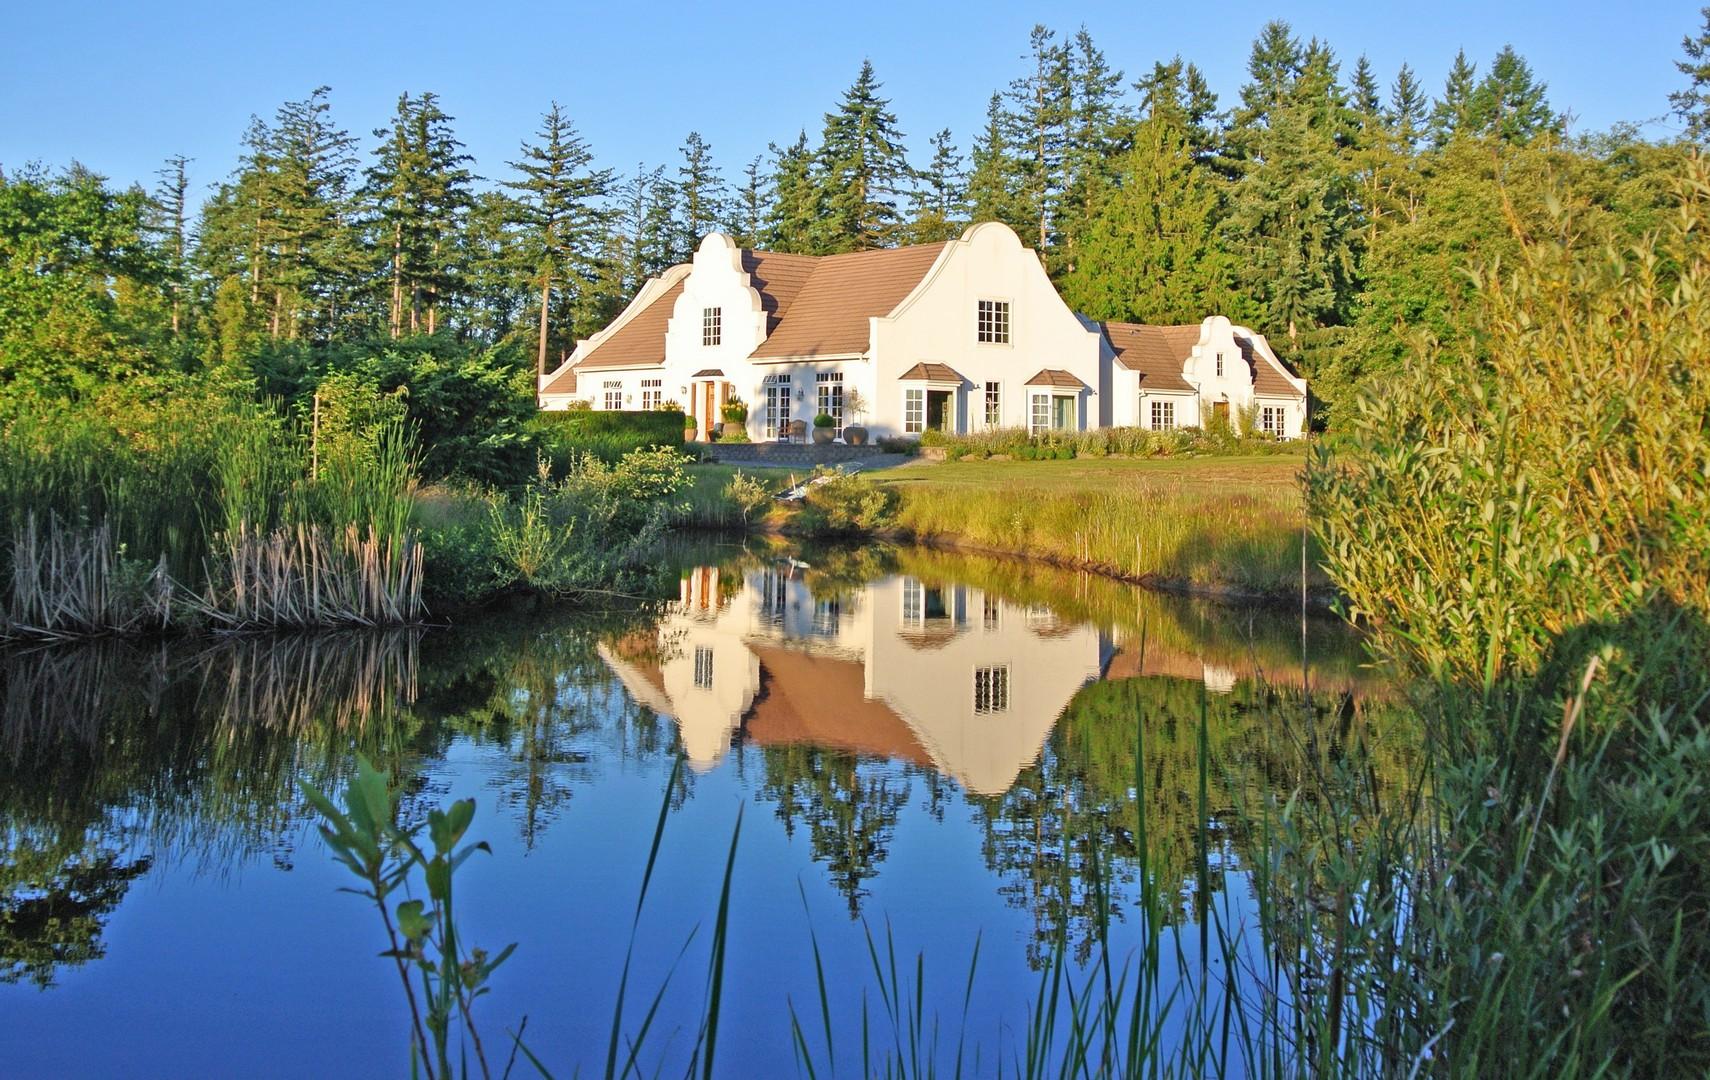 Einfamilienhaus für Verkauf beim Cape Dutch Masterpiece 14365 Leslie Lane Mount Vernon, Washington, 98273 Vereinigte Staaten